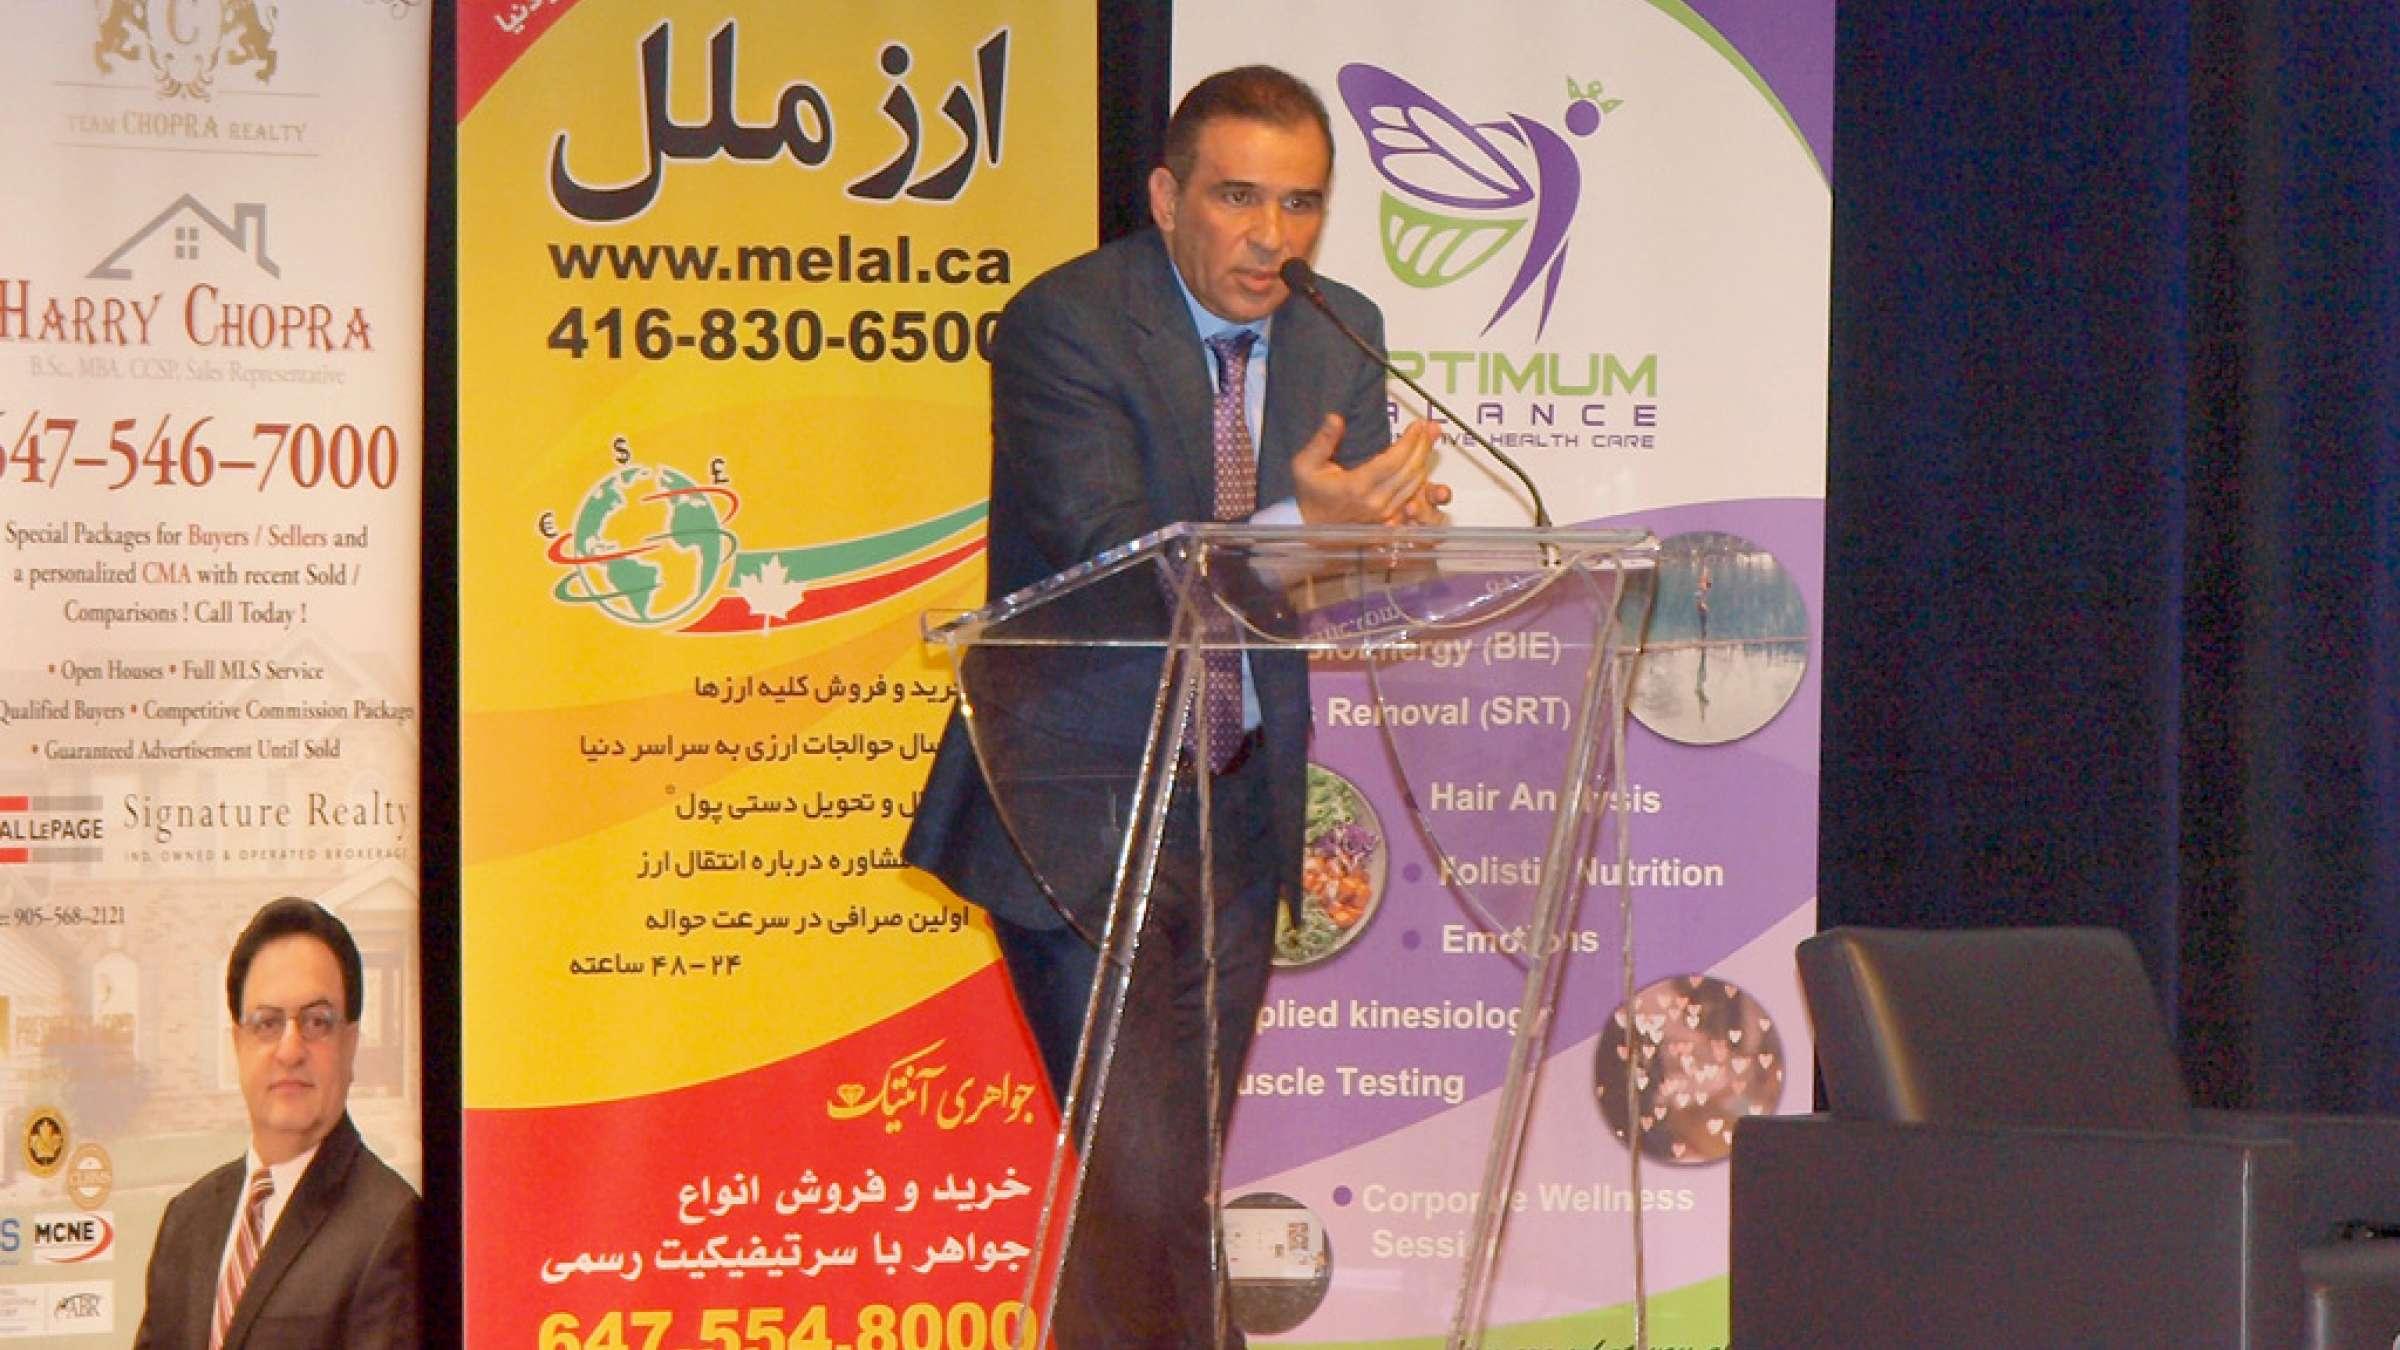 گزارش-روز-برگزاری-بزرگترین-سمینار-سرطان-ایرانیان-در-کانادا-دکتر-نادر-جوادی